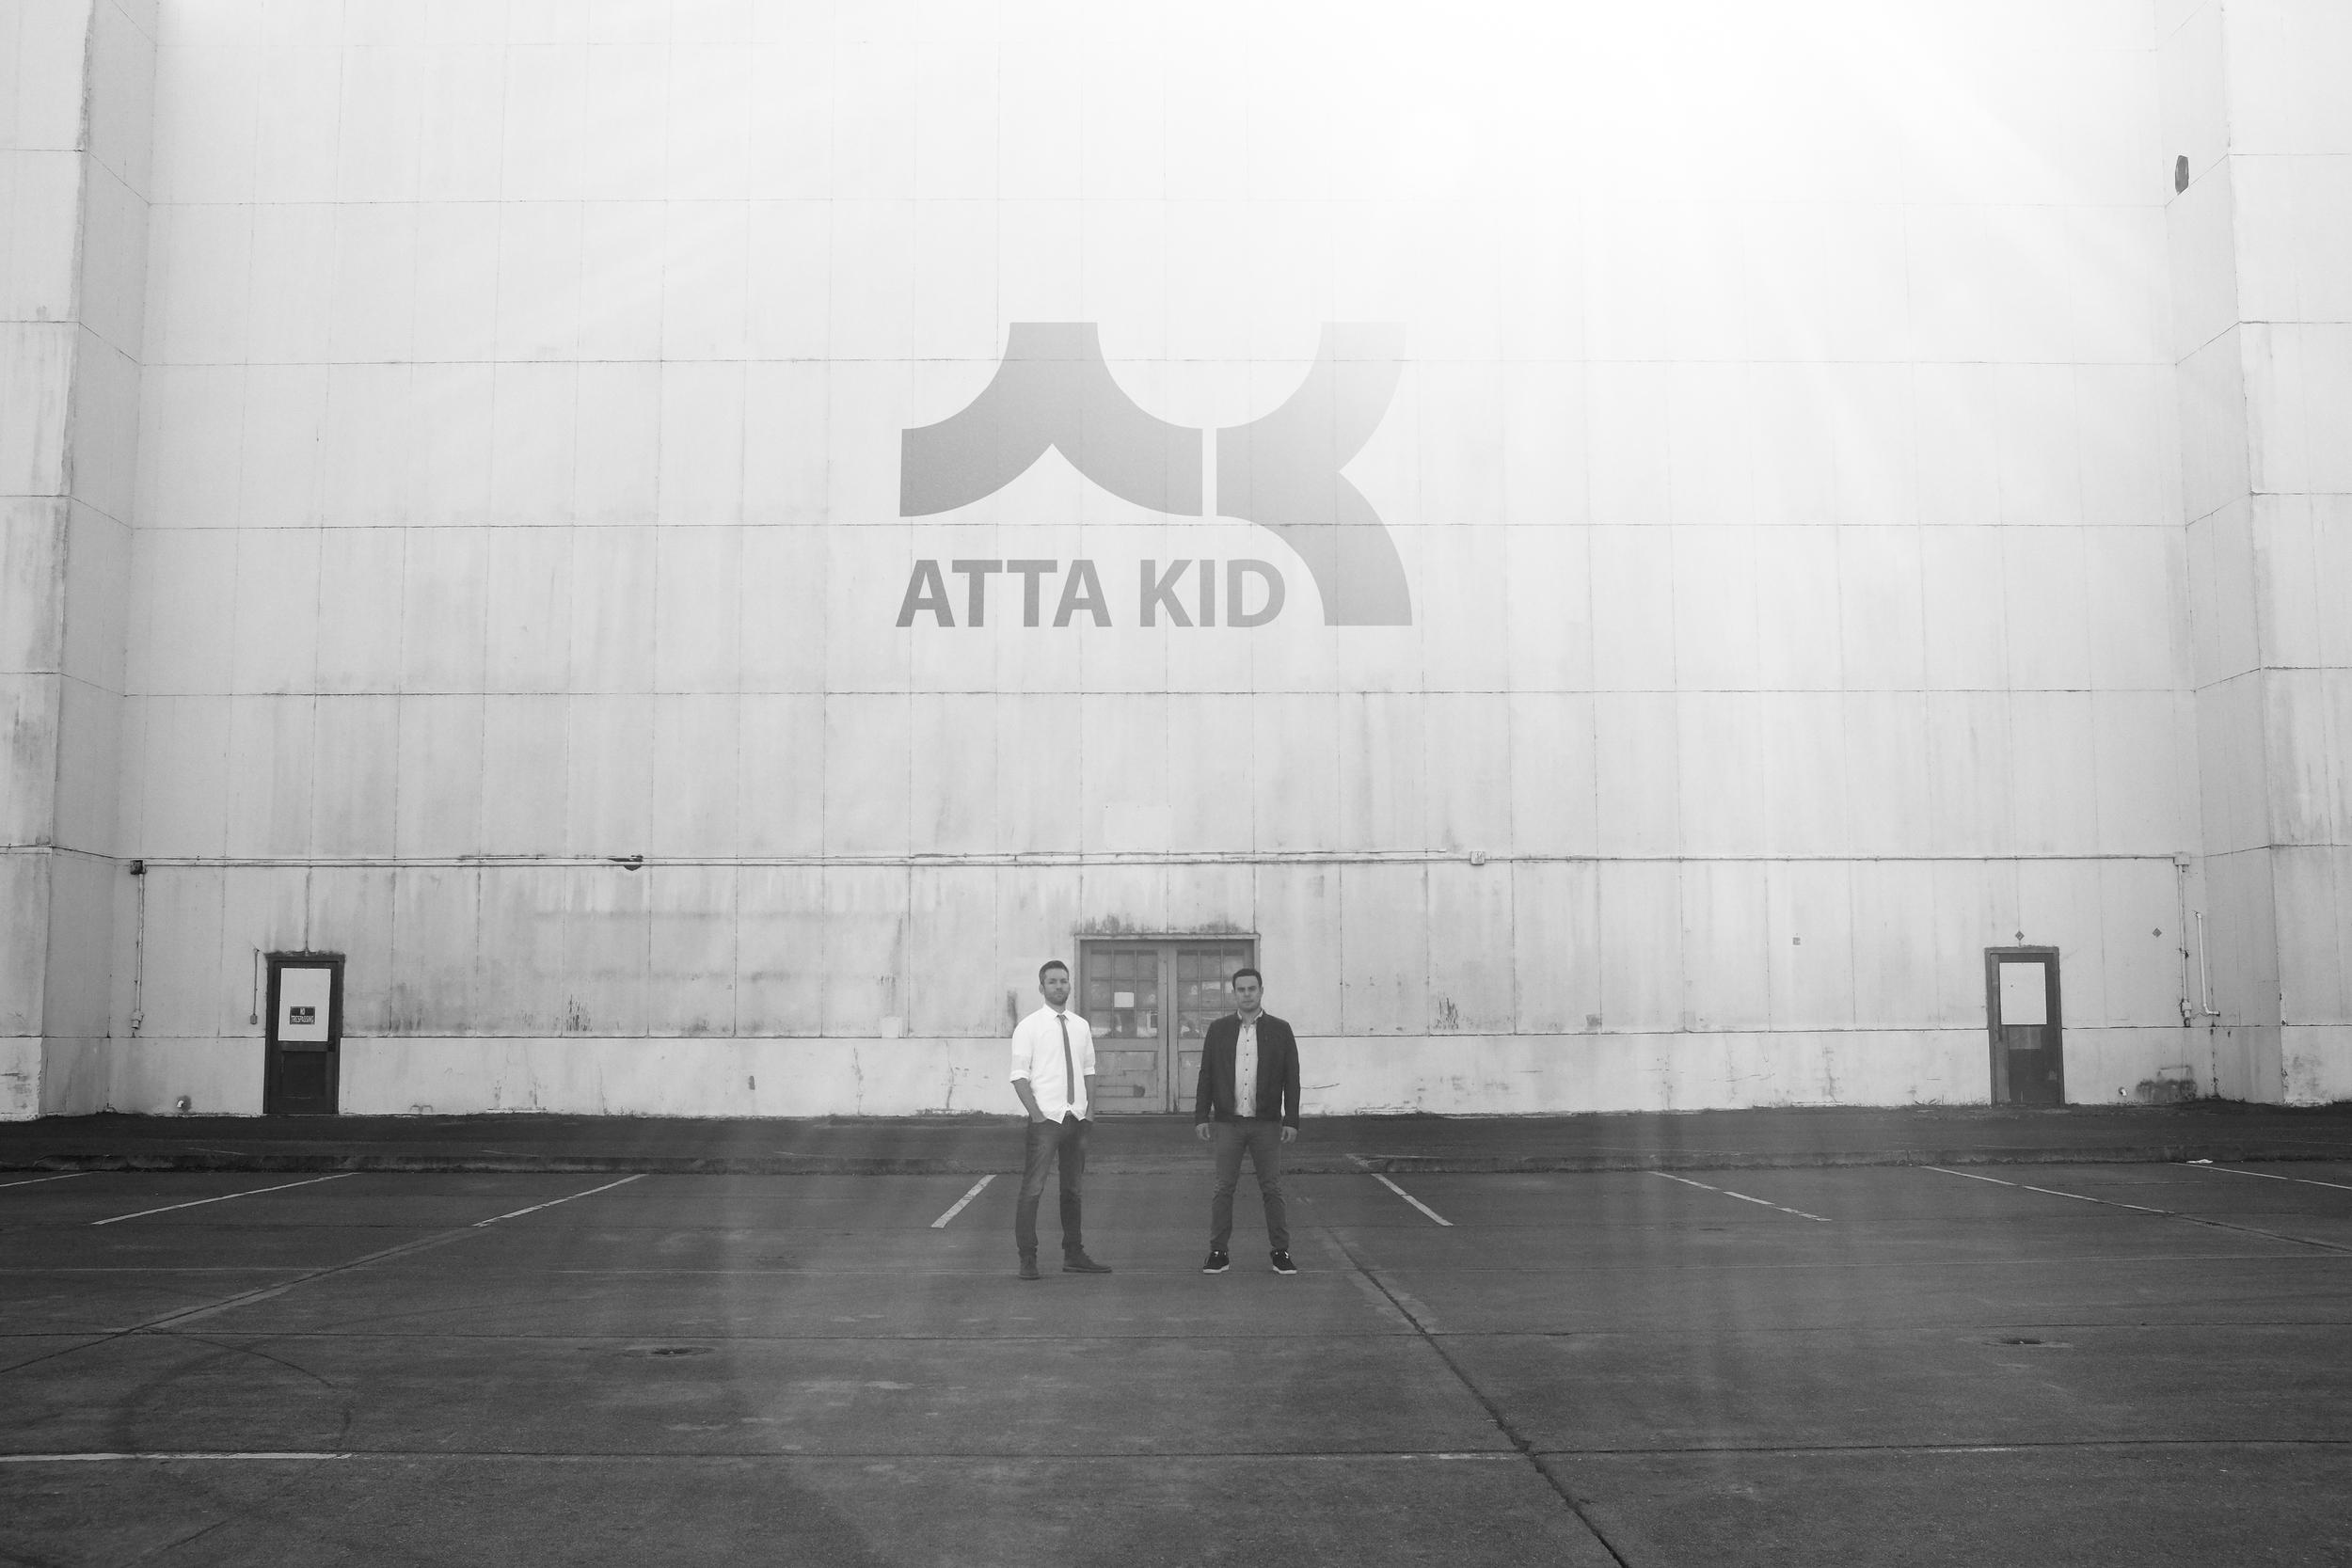 ATTA KID